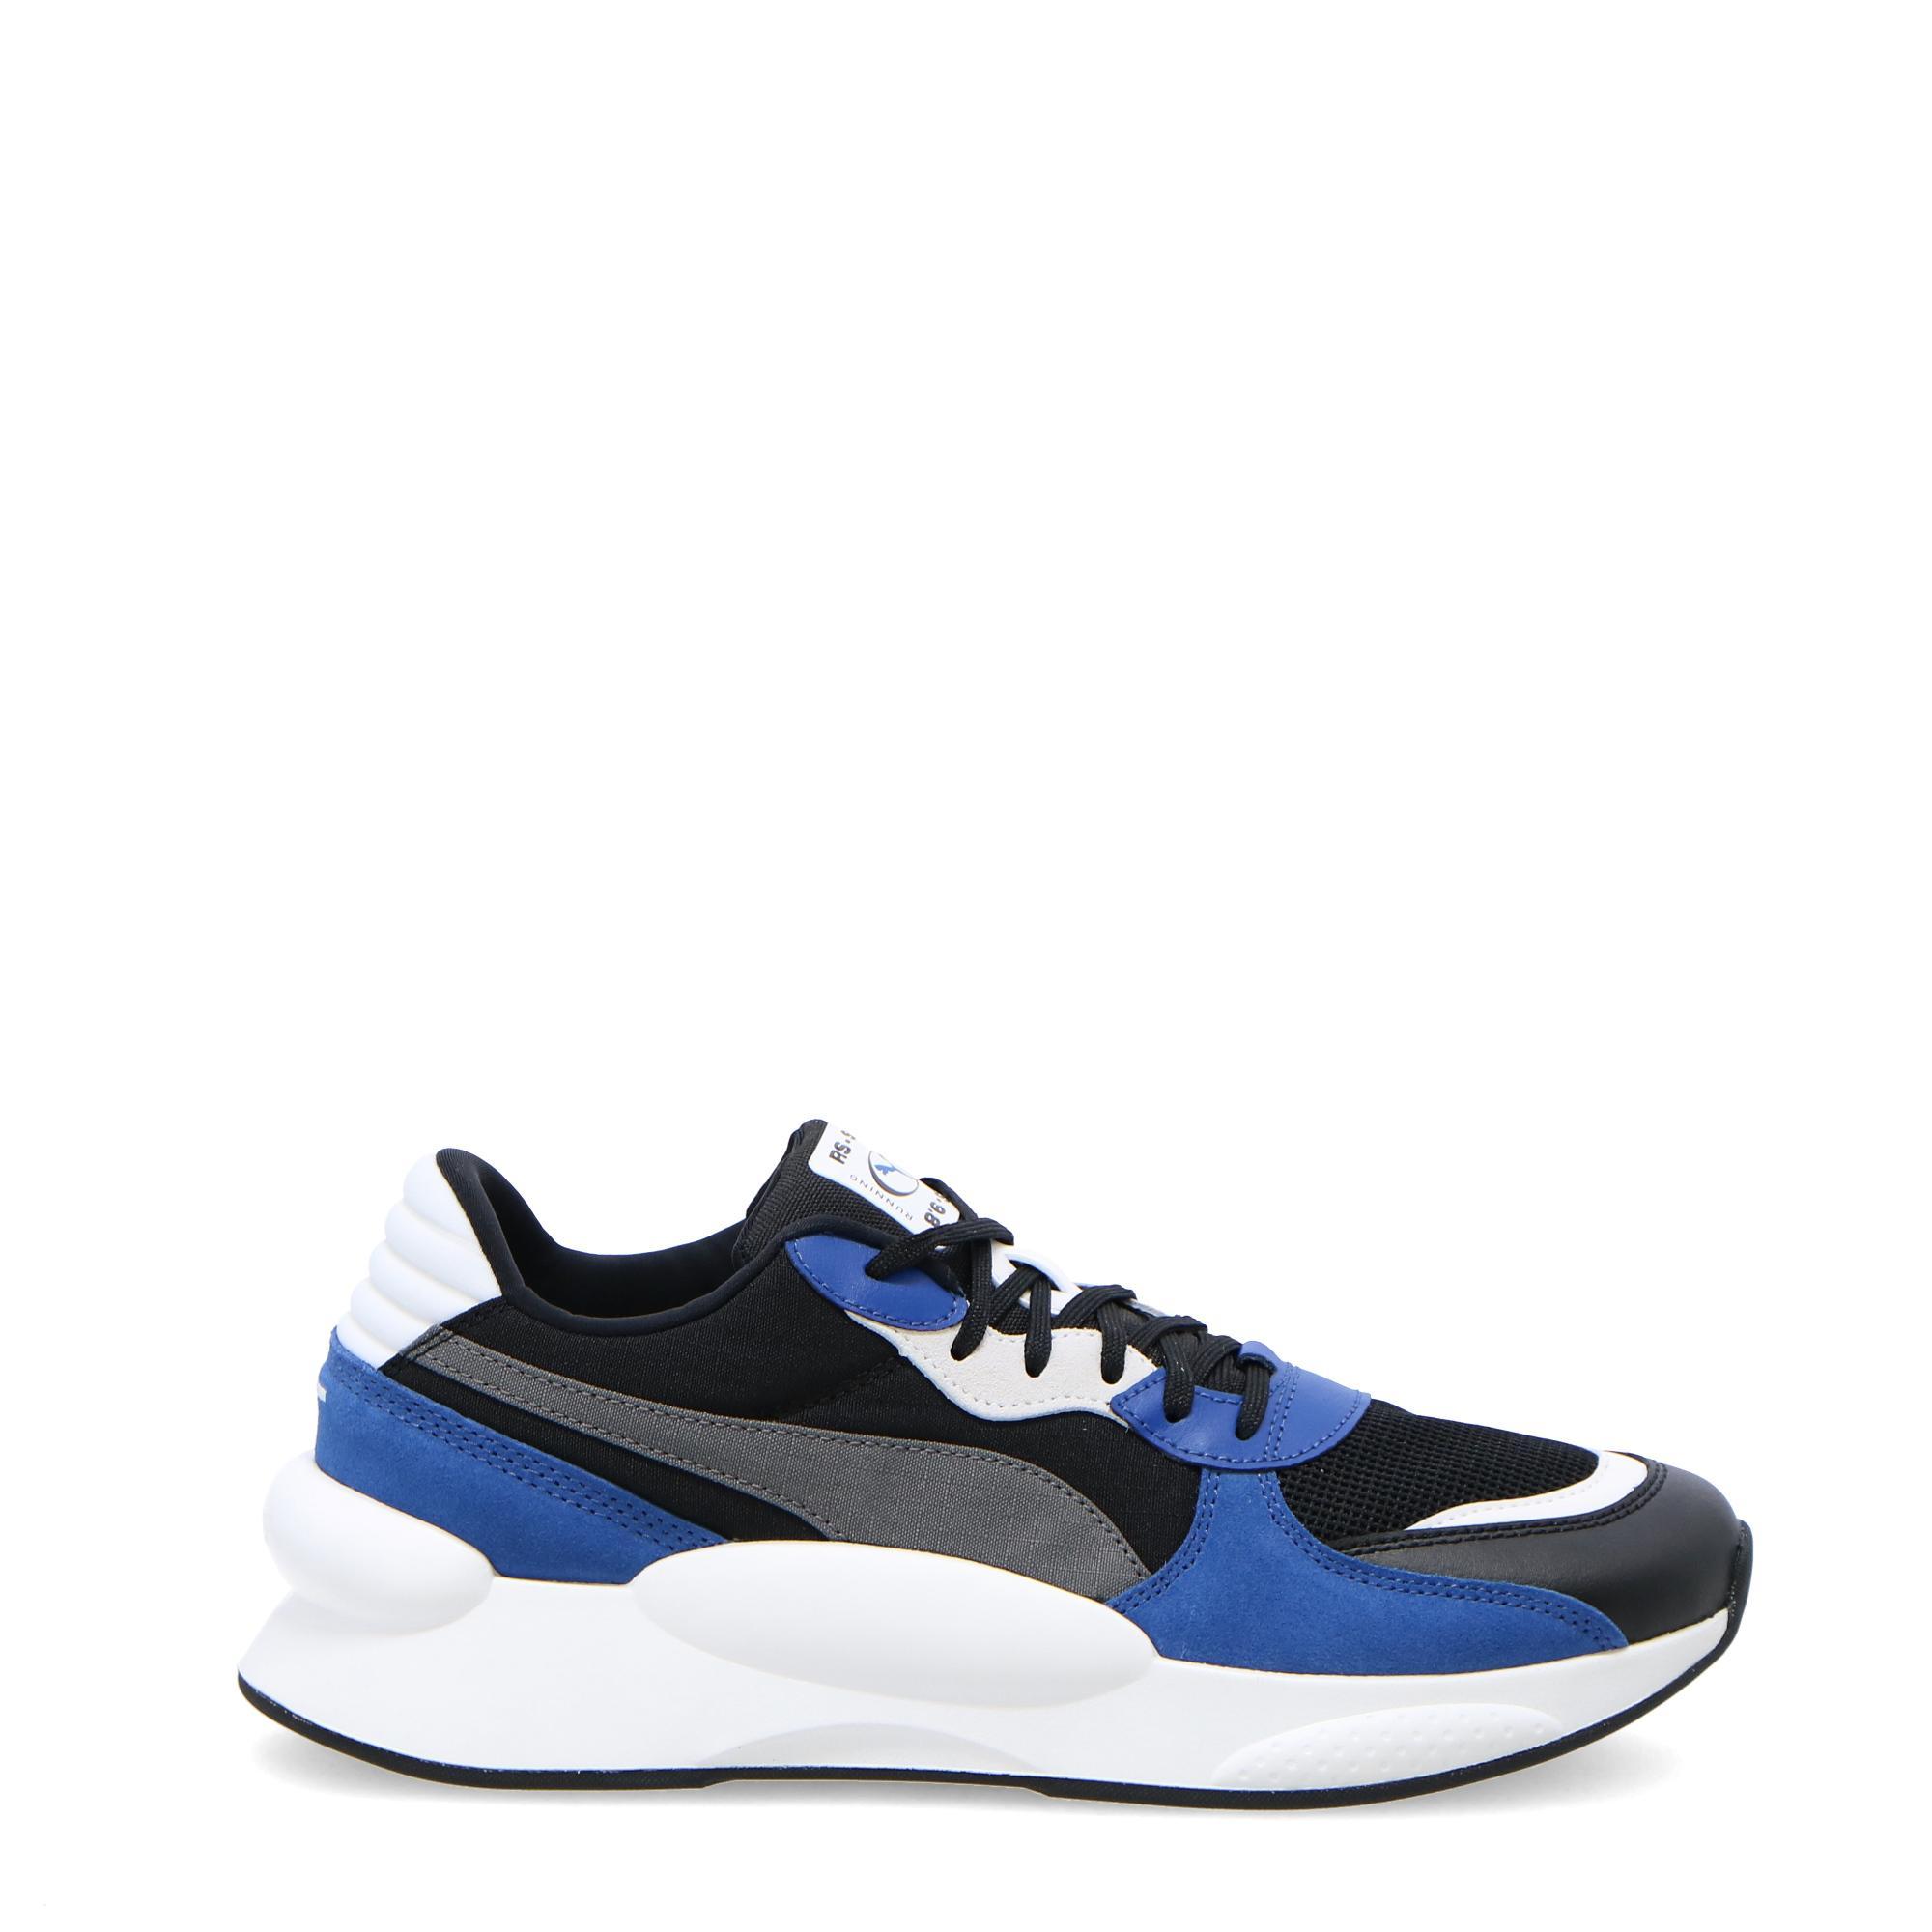 scarpe puma black